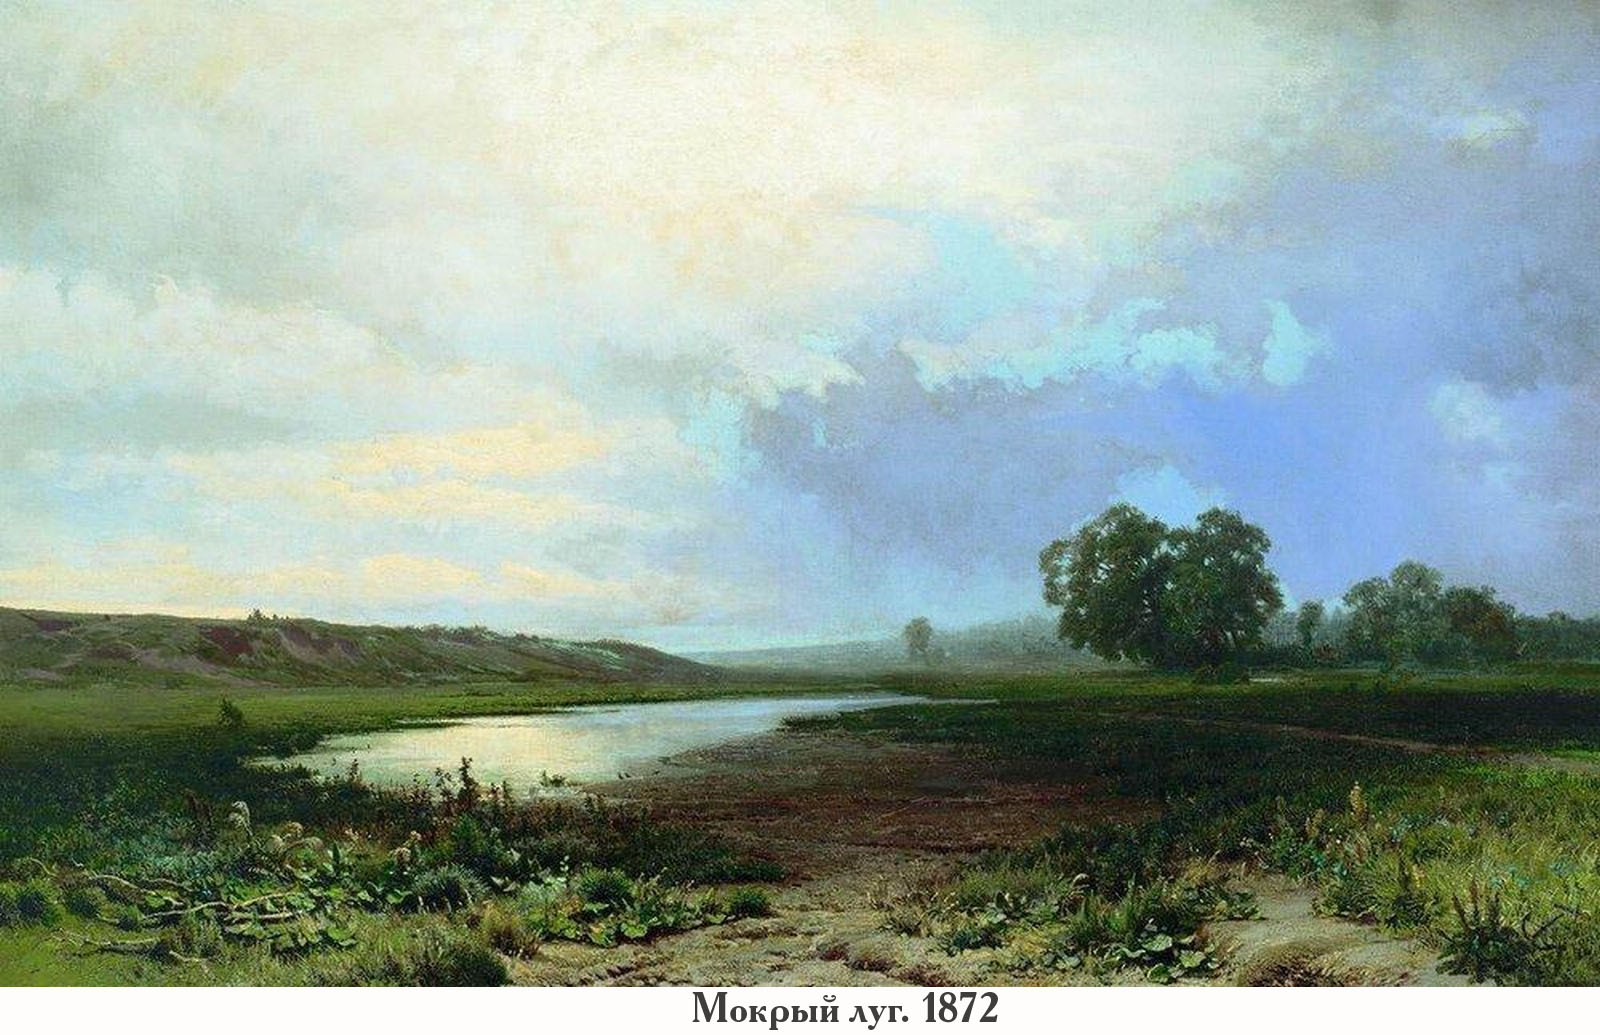 Мокрый луг. 1872.jpg